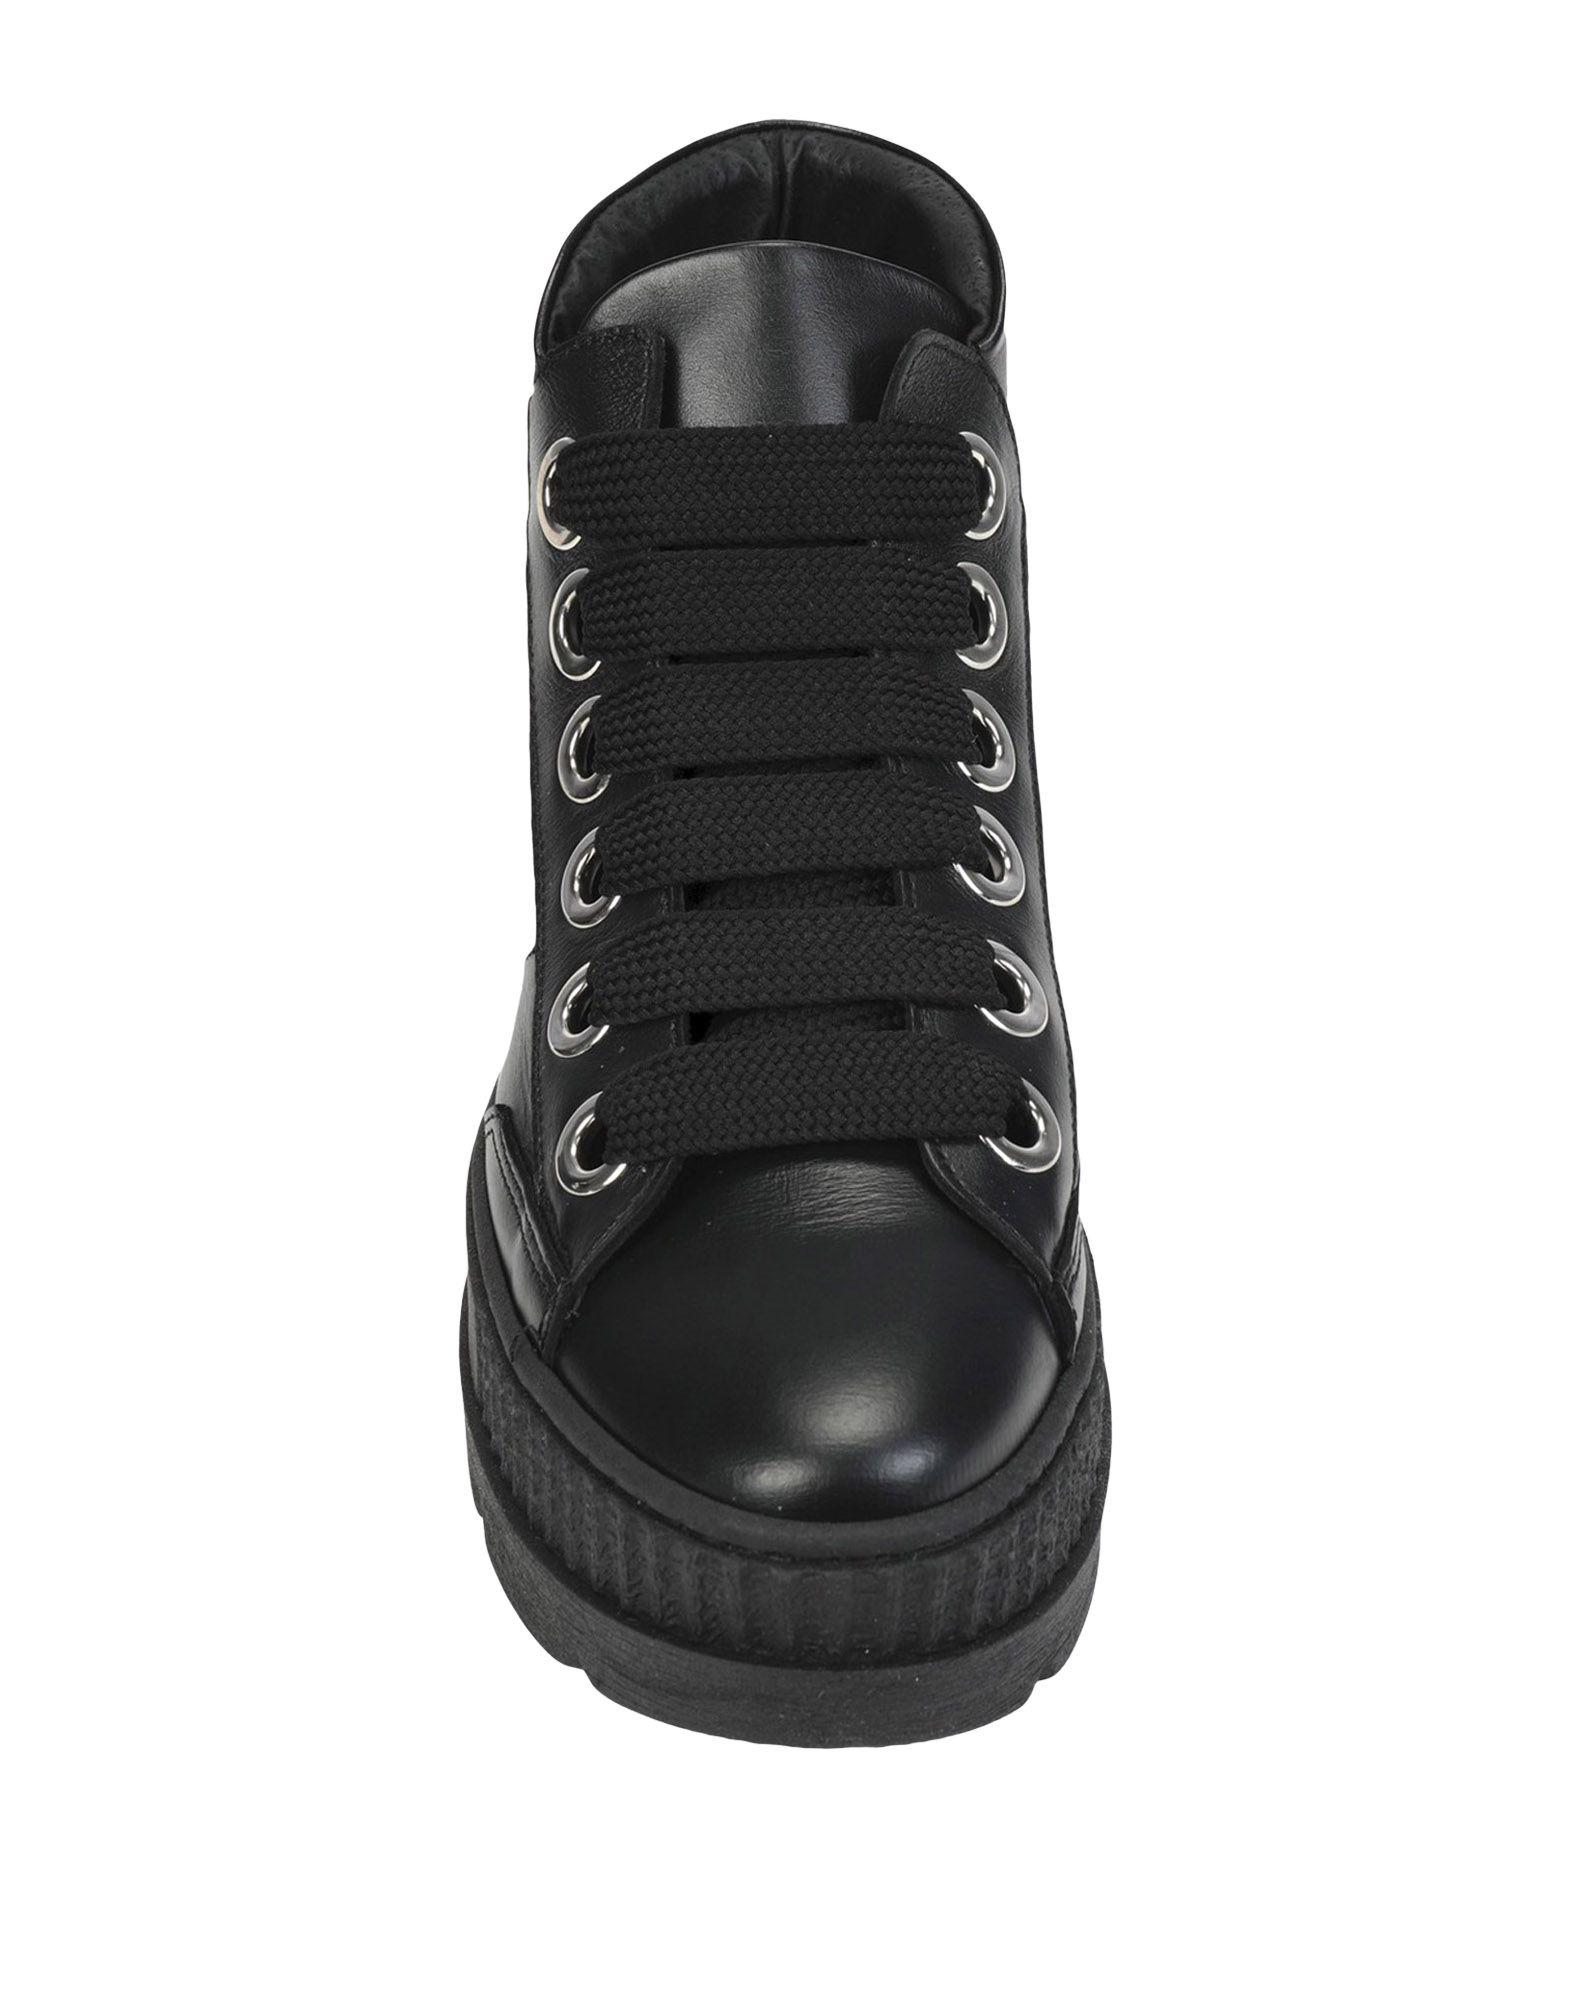 Gut um billige Sneakers Schuhe zu tragenPierre Darré Sneakers billige Damen  11521187HO 5edcb0